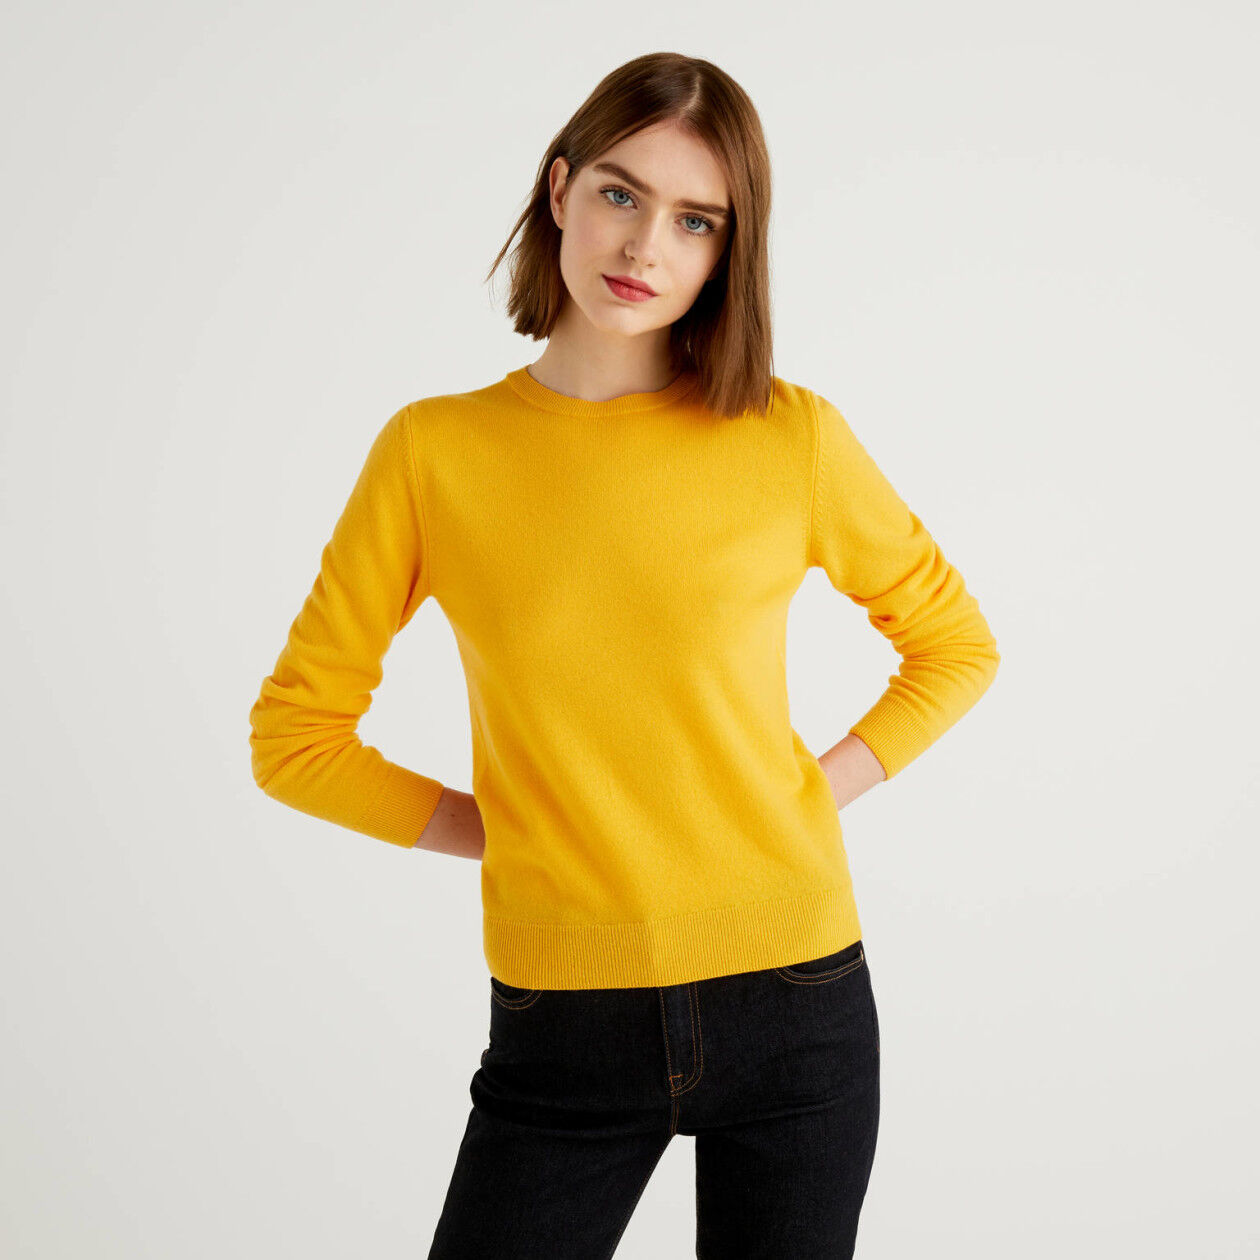 Camisola de gola redonda amarela em pura lã virgem